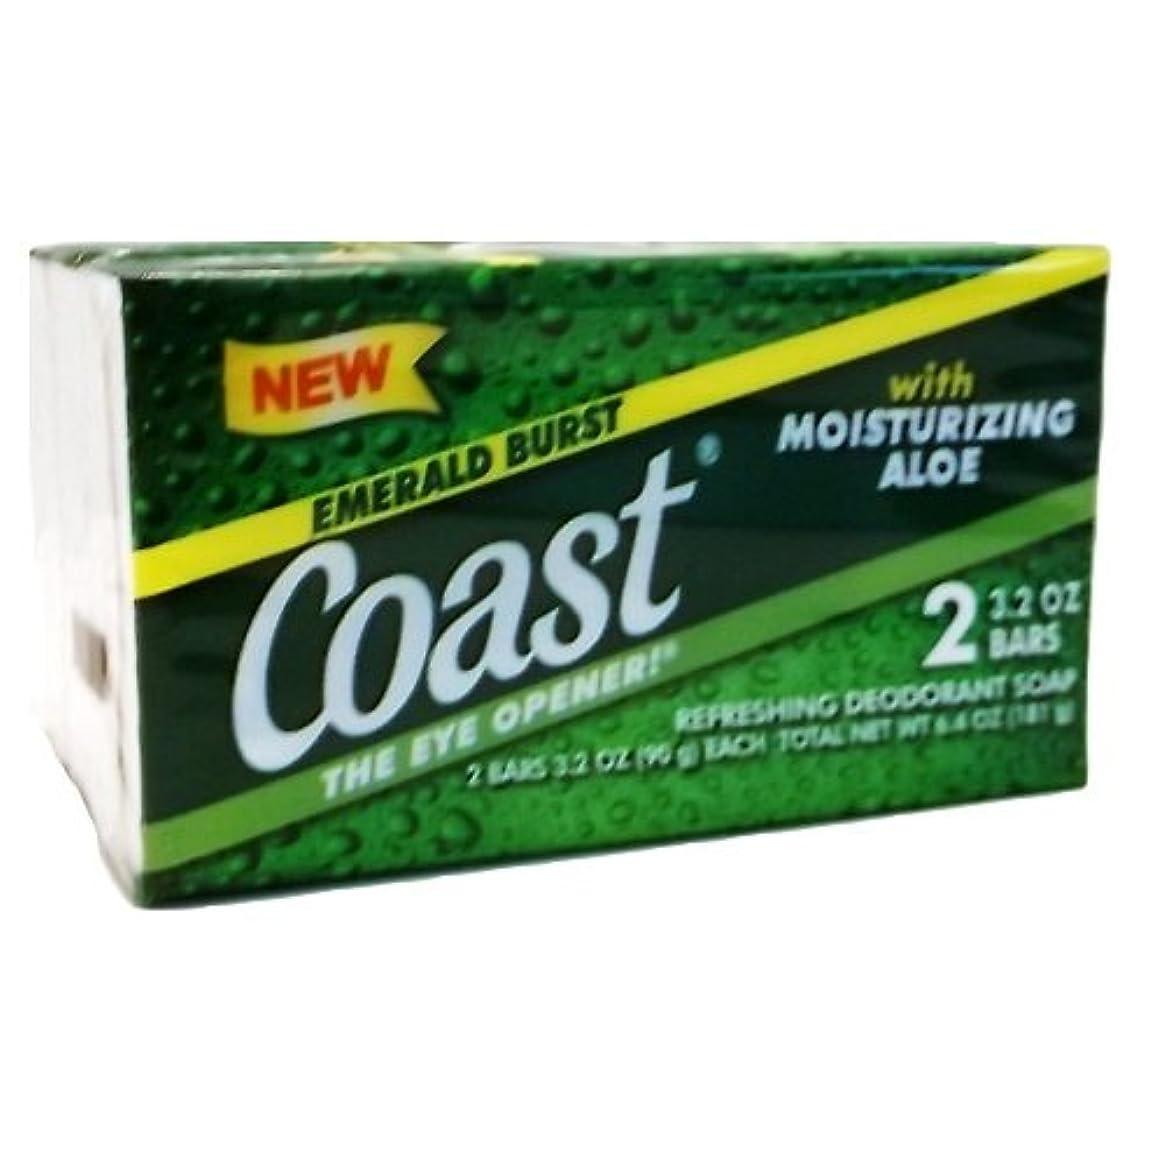 段階キャプチャー怖がらせるコースト(Coast) 石けんエメラルドバースト2個入り×24パック(48個)